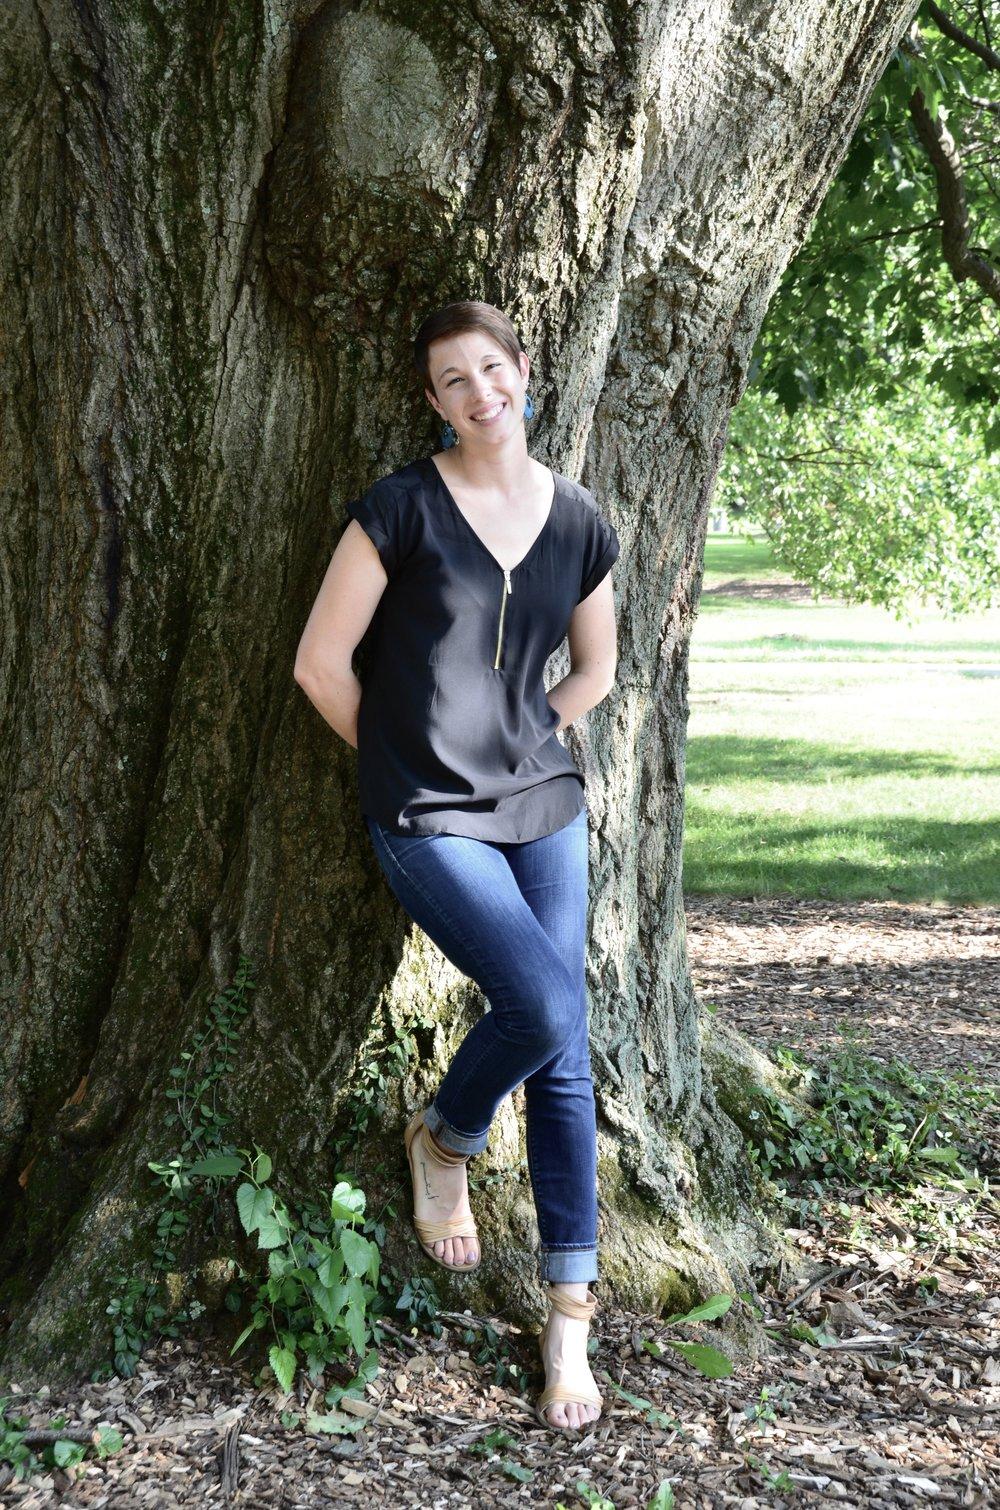 SARAH C MILLER, Development and Communications Associate